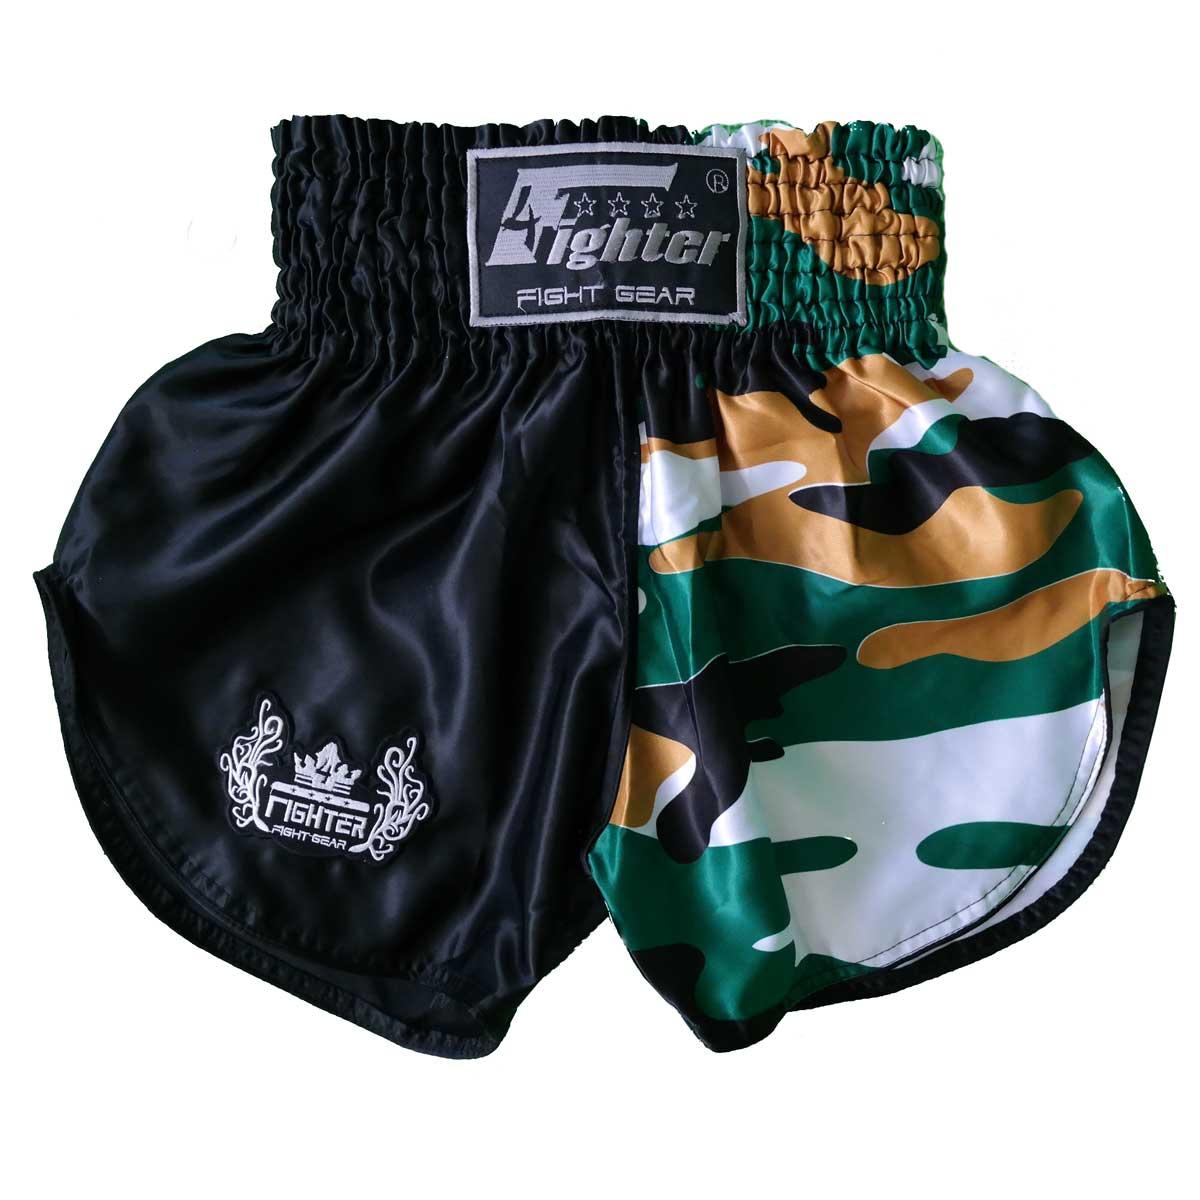 4Fighter Muay Thai Shorts schwarz camo braun-weiss / hohen Schlitzen